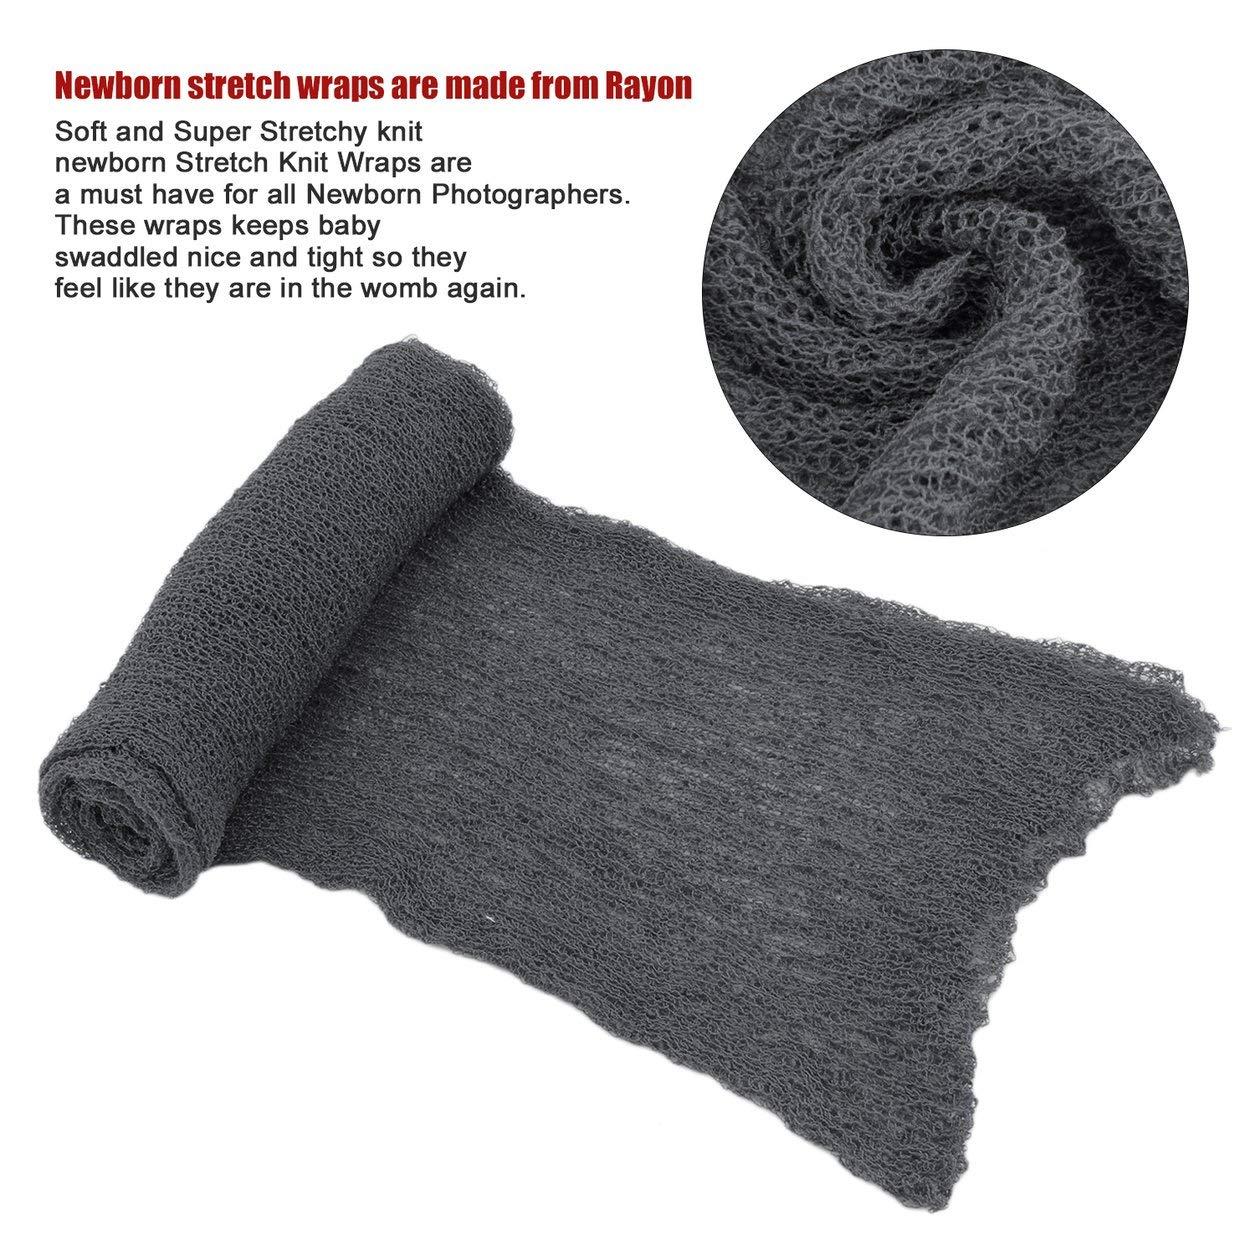 Beb/é reci/én Nacido Accesorios de fotograf/ía Manta Ray/ón Stretch Knit Wraps 40 150 cm Color: Gris Oscuro